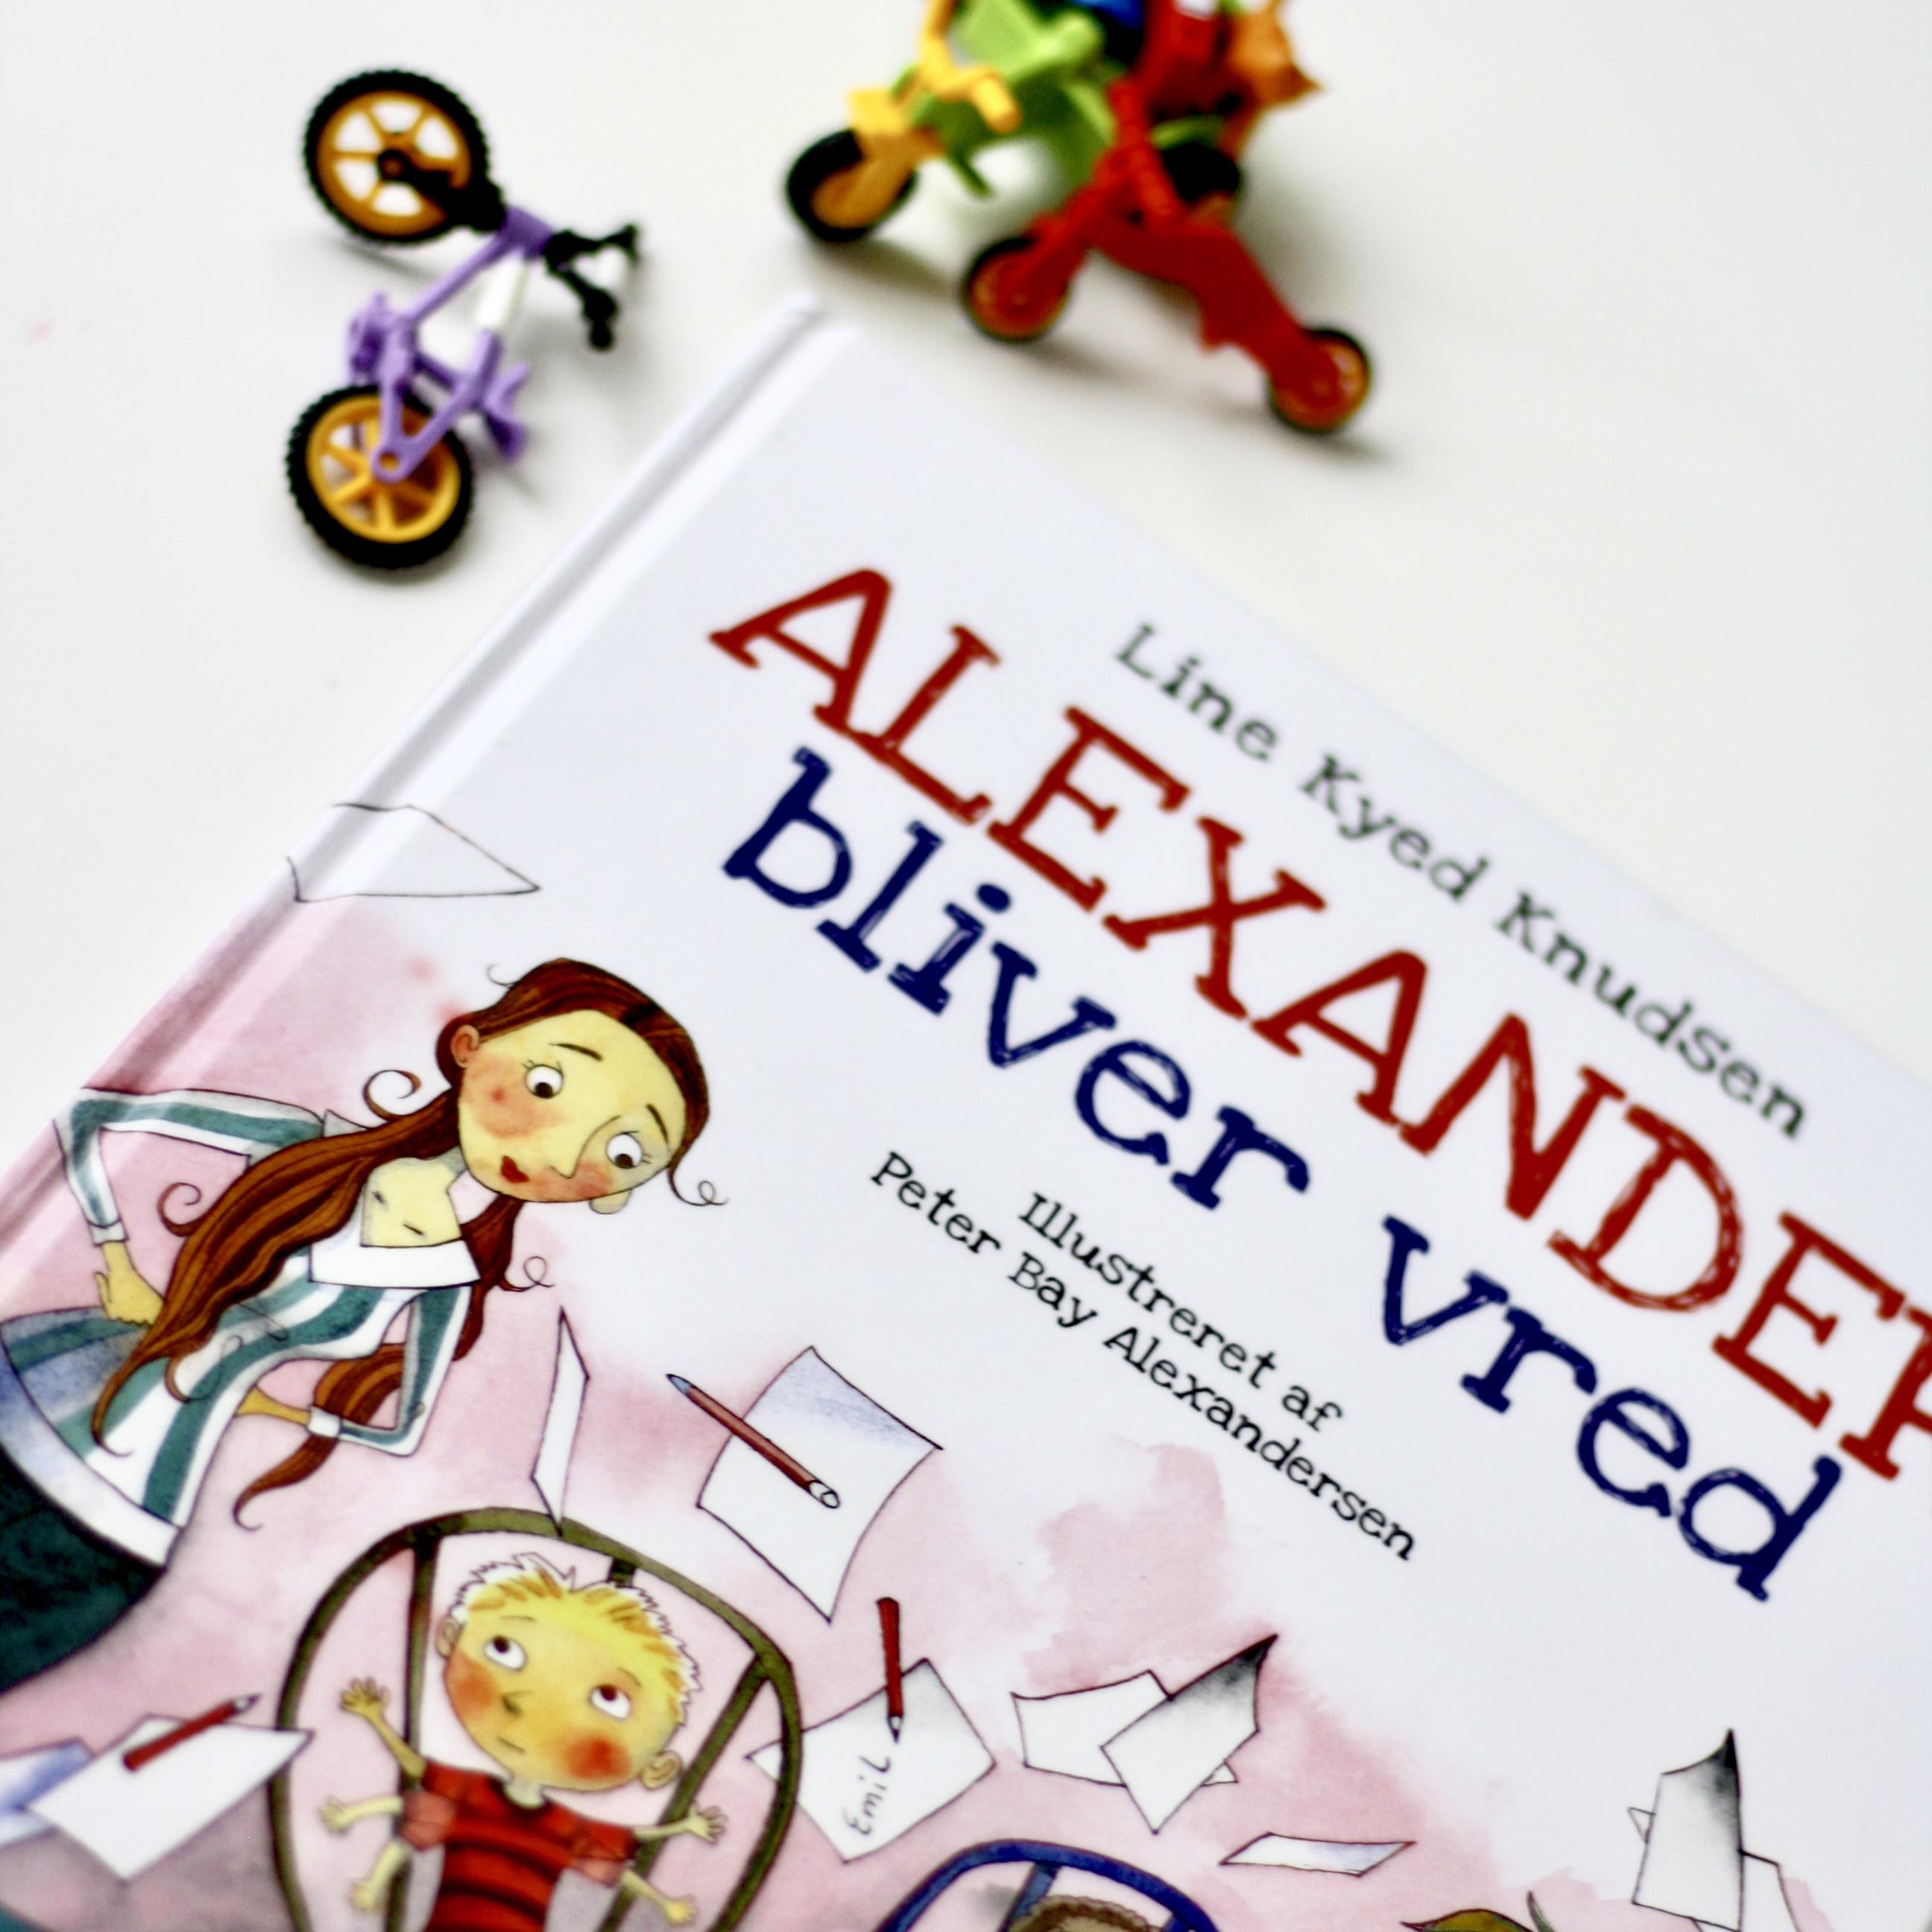 Alexander bliver vred, Line Kyed Knudsen, Peter Bay Alexandersen, Bogoplevelsen